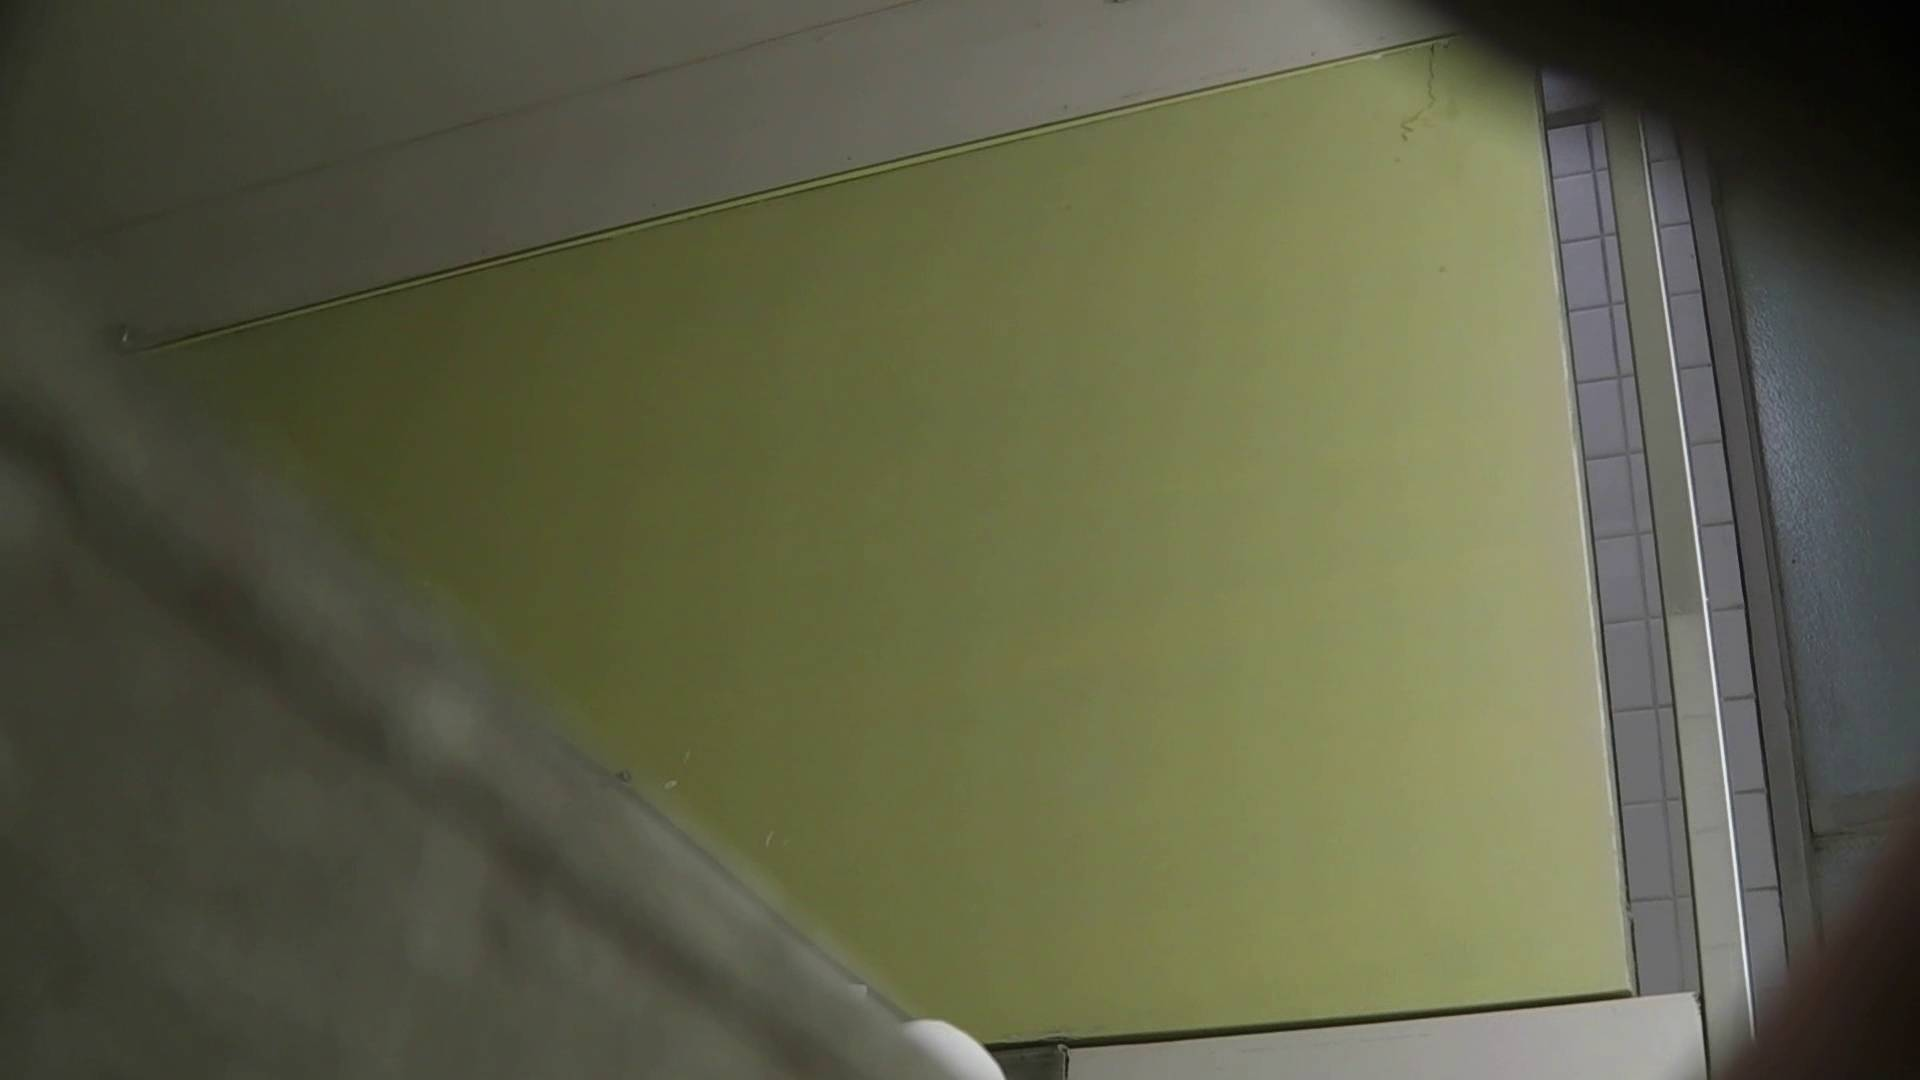 【美しき個室な世界】 vol.021 めがねっこ 色っぽいOL達  100pic 42